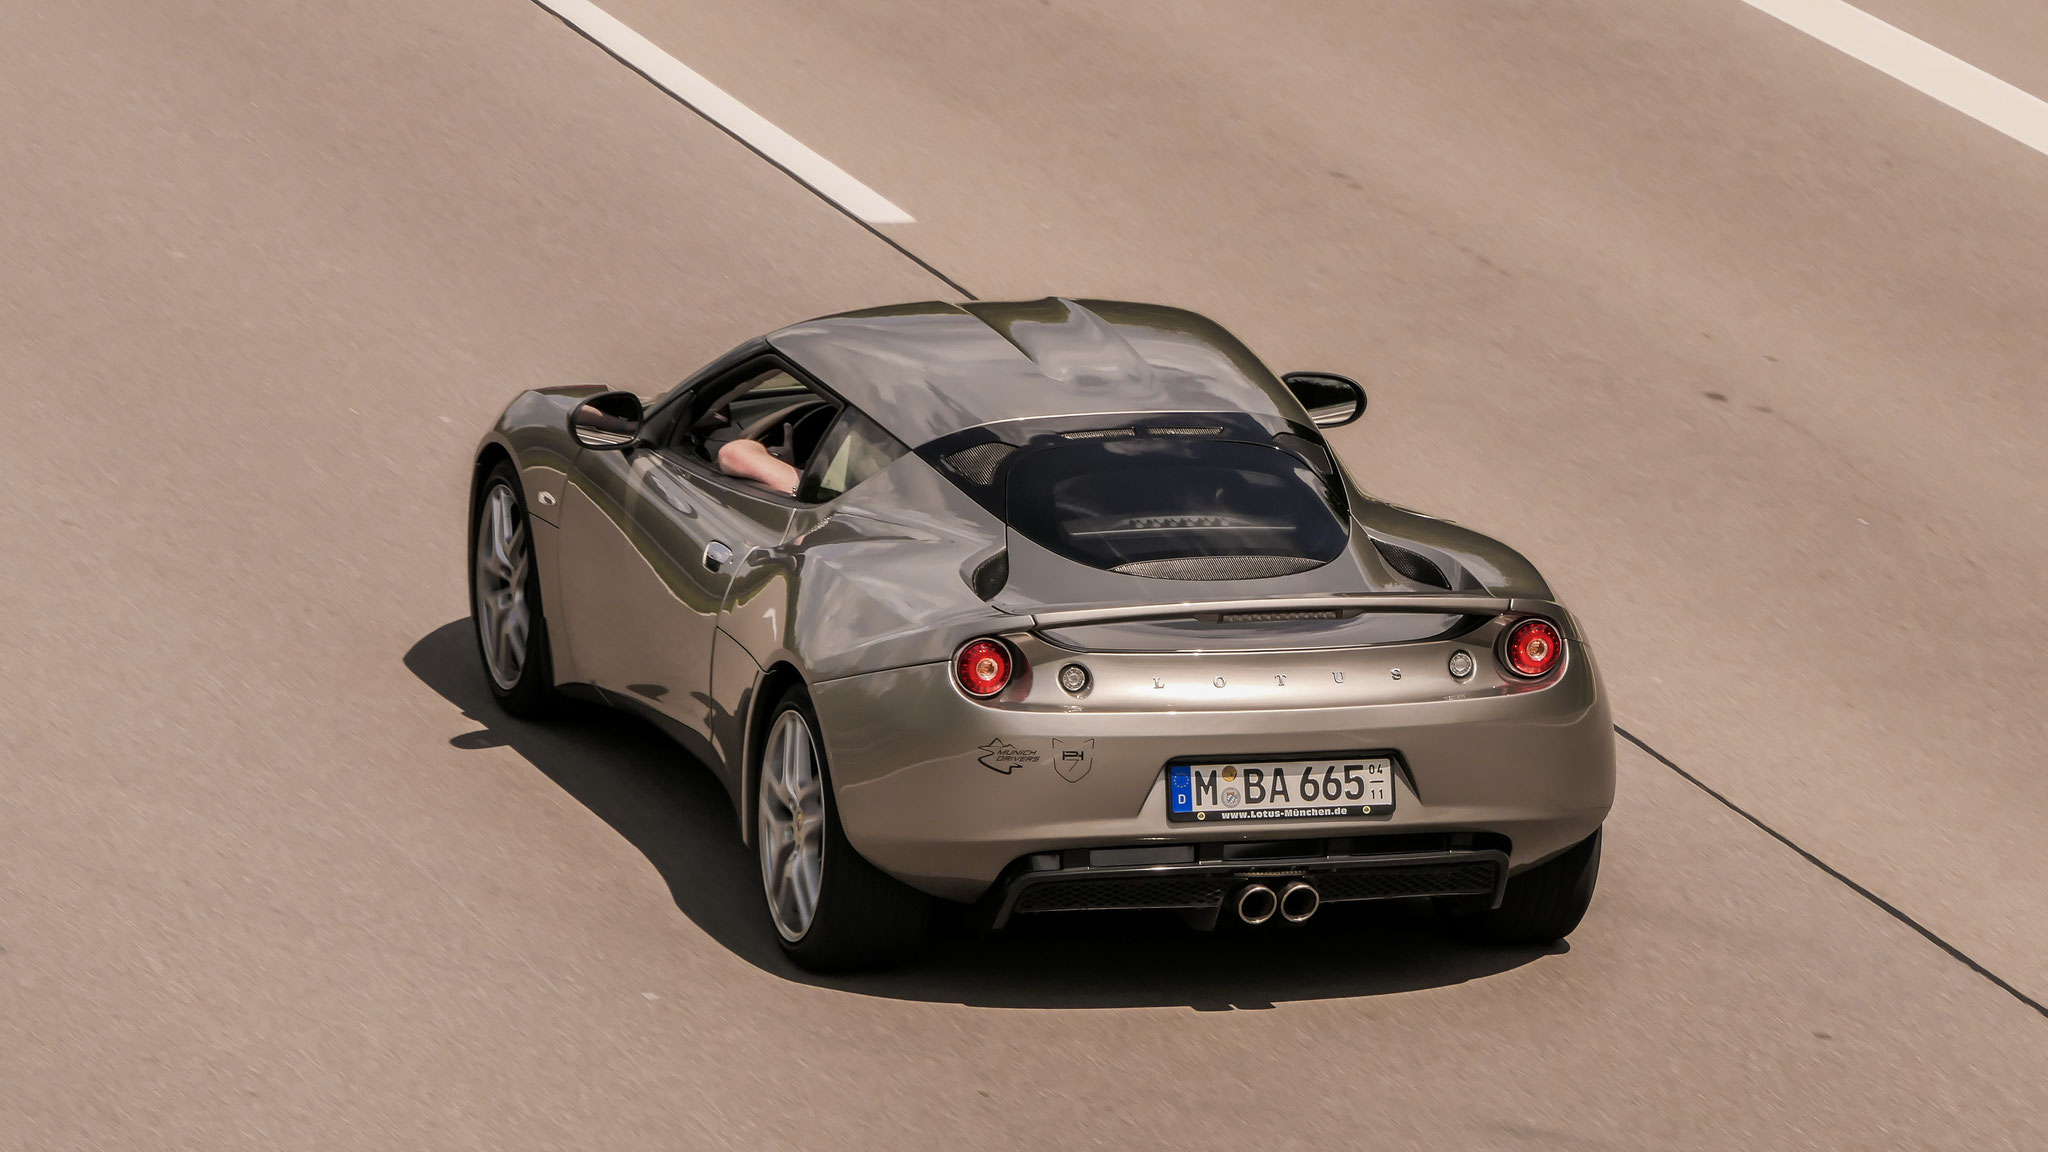 Lotus Evora - M-BA-665